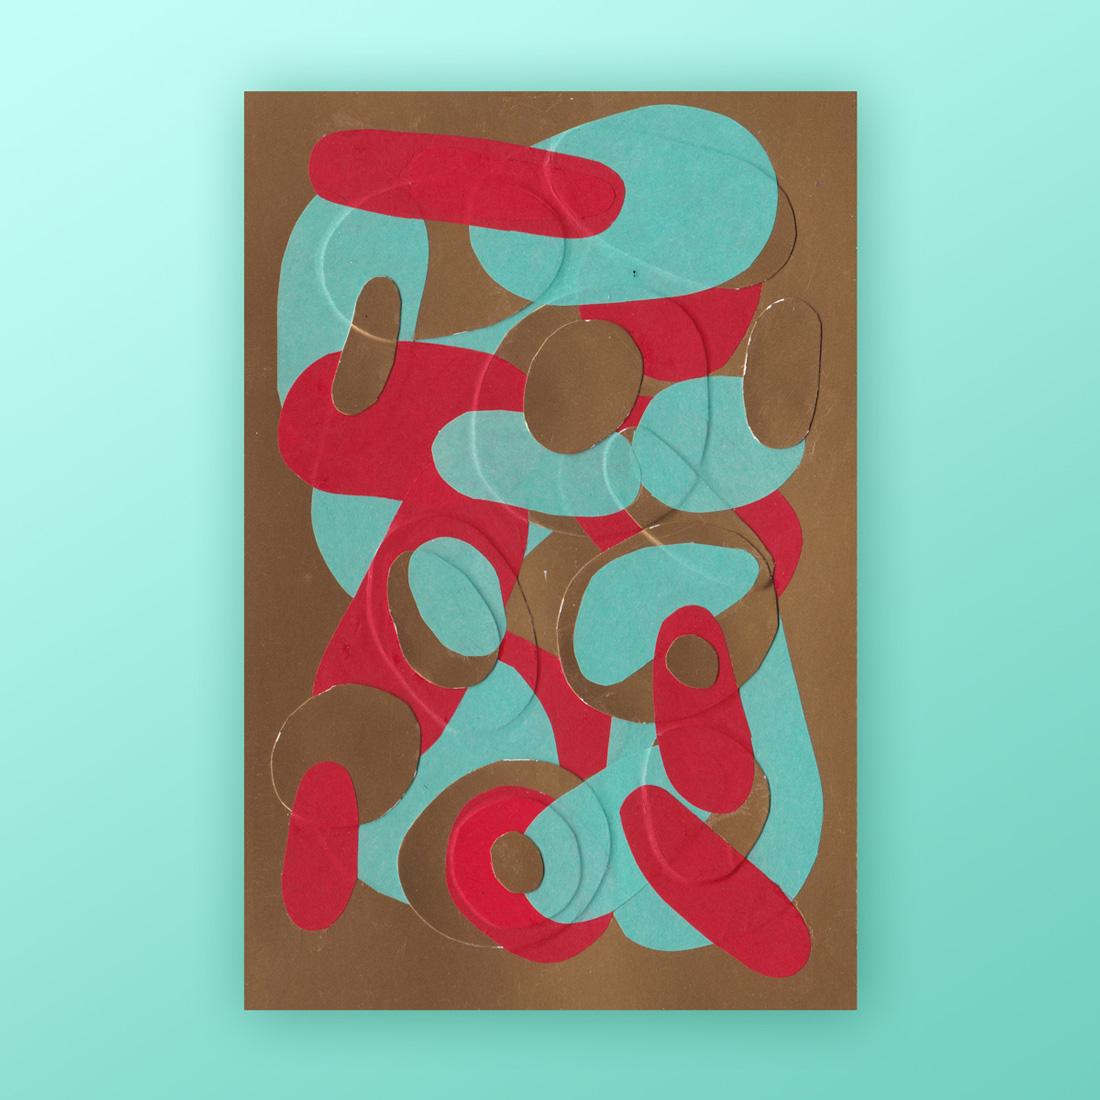 Petit collage de papier bleu turquoise et rouge sur fond doré format A6